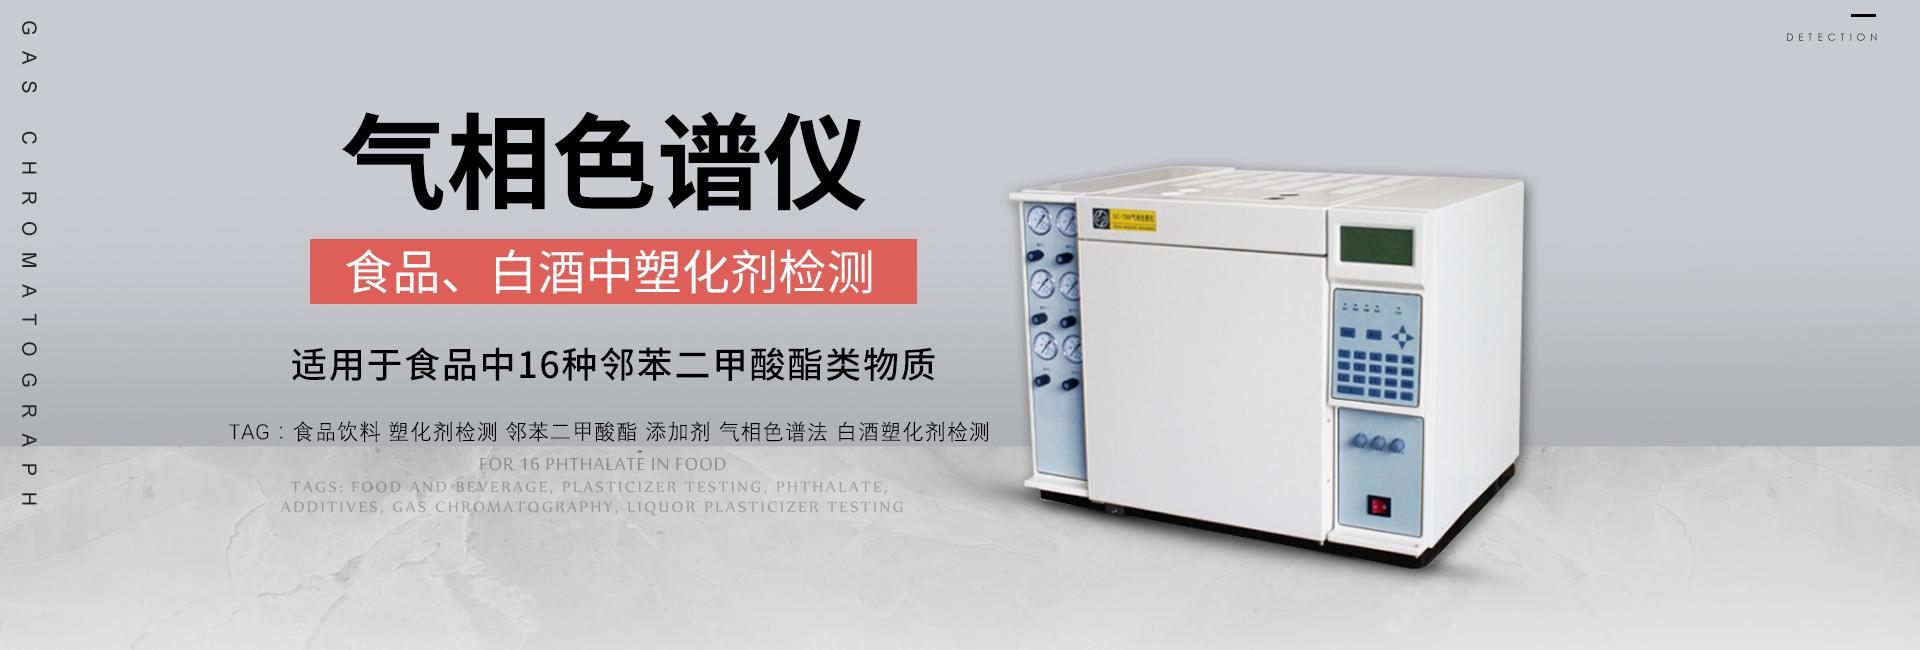 液相色谱仪公司